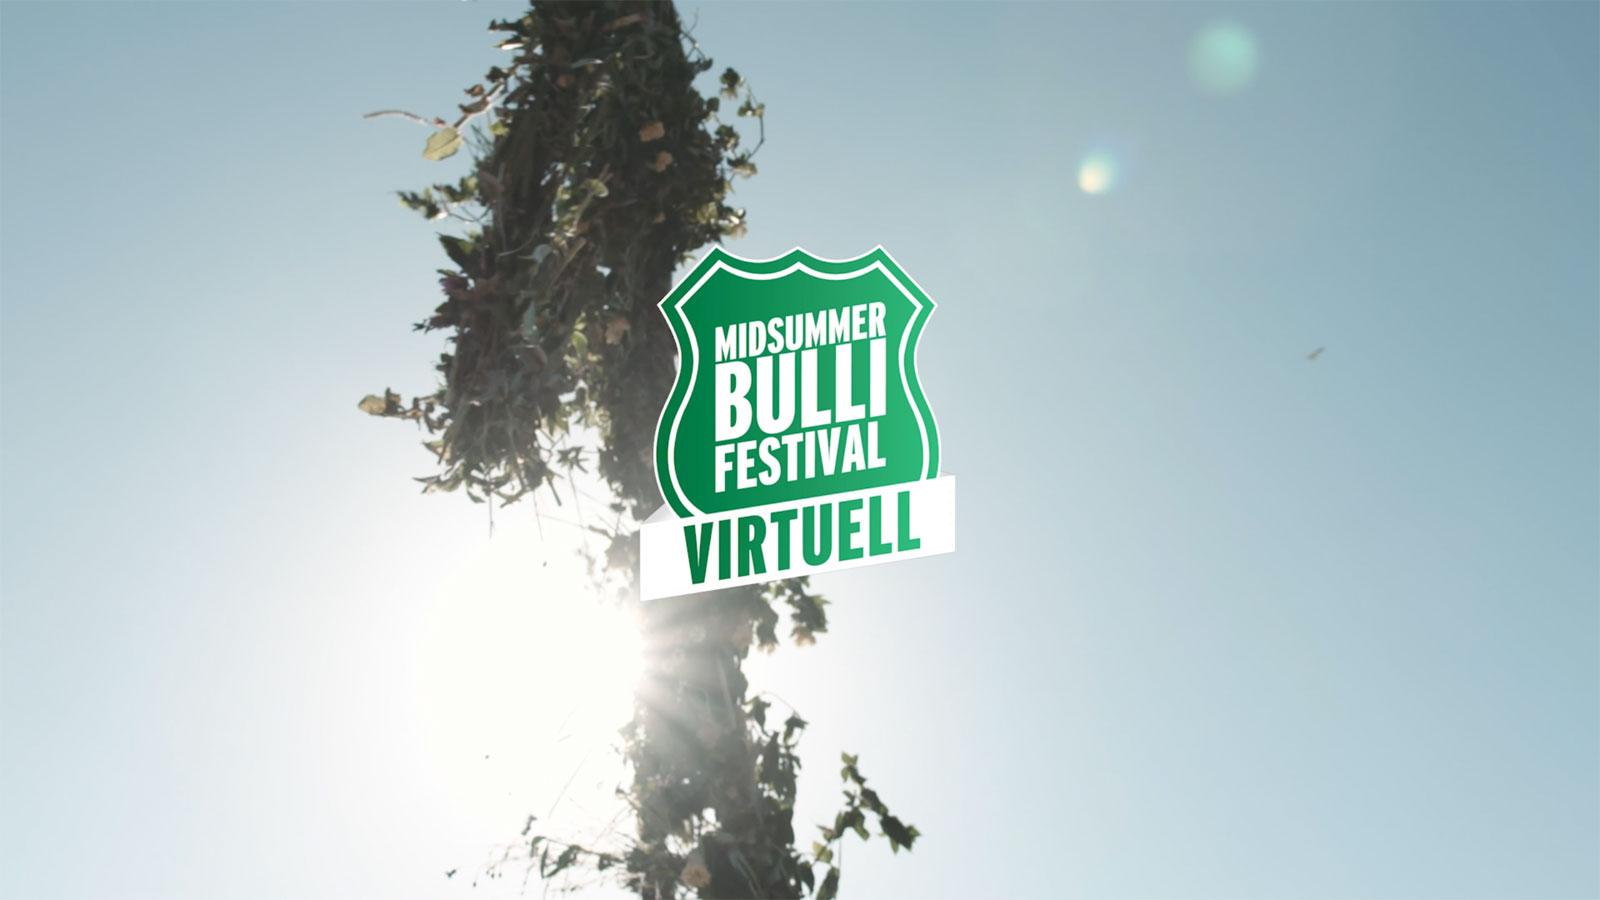 Midsummer Bulli Festival 2020: Wir gehen live